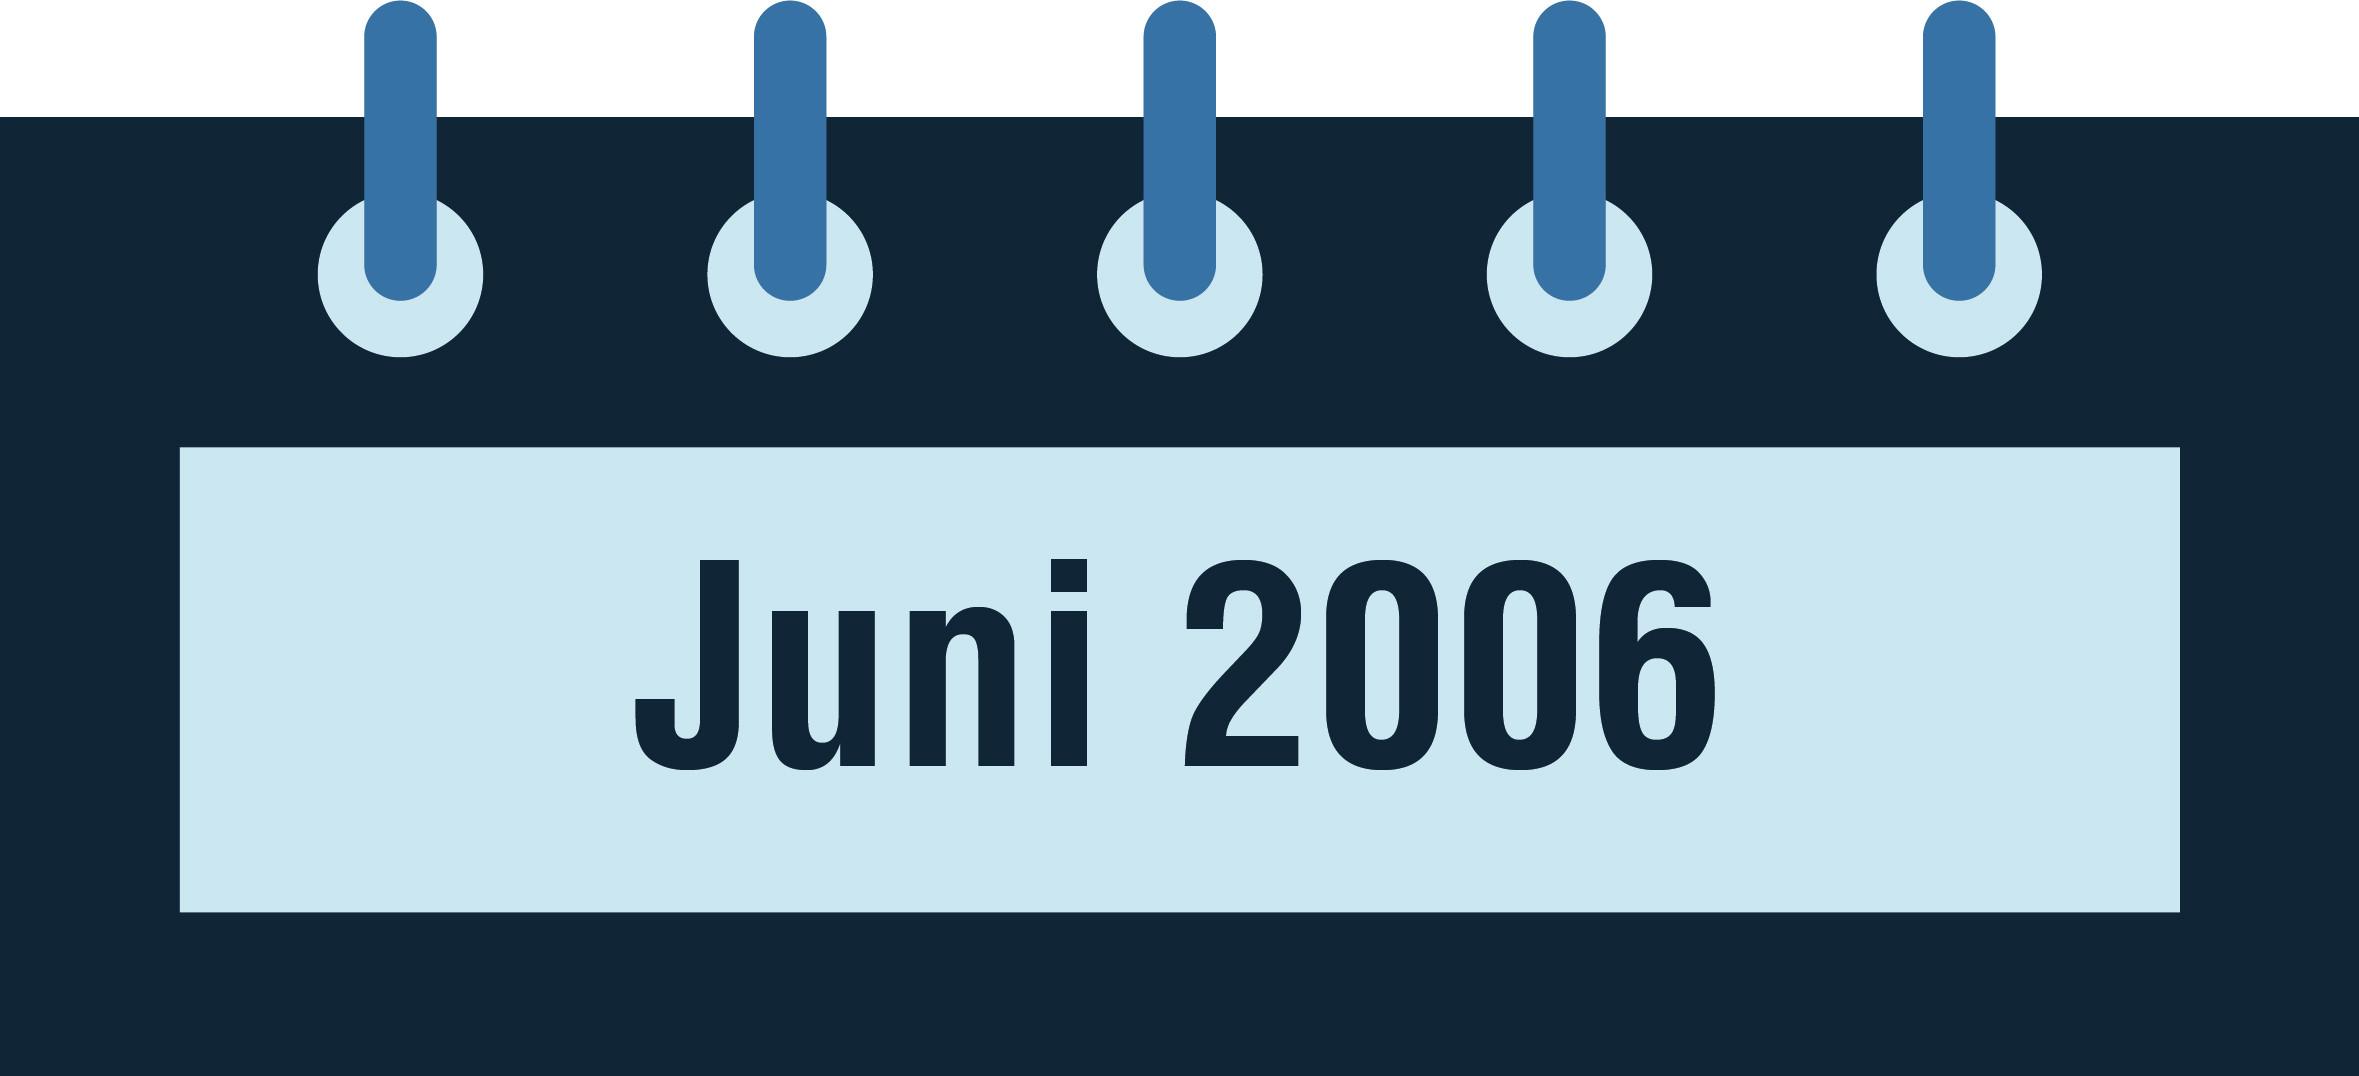 NeuroCheck Geschichte - Juni 2006 (Foto © NeuroCheck)